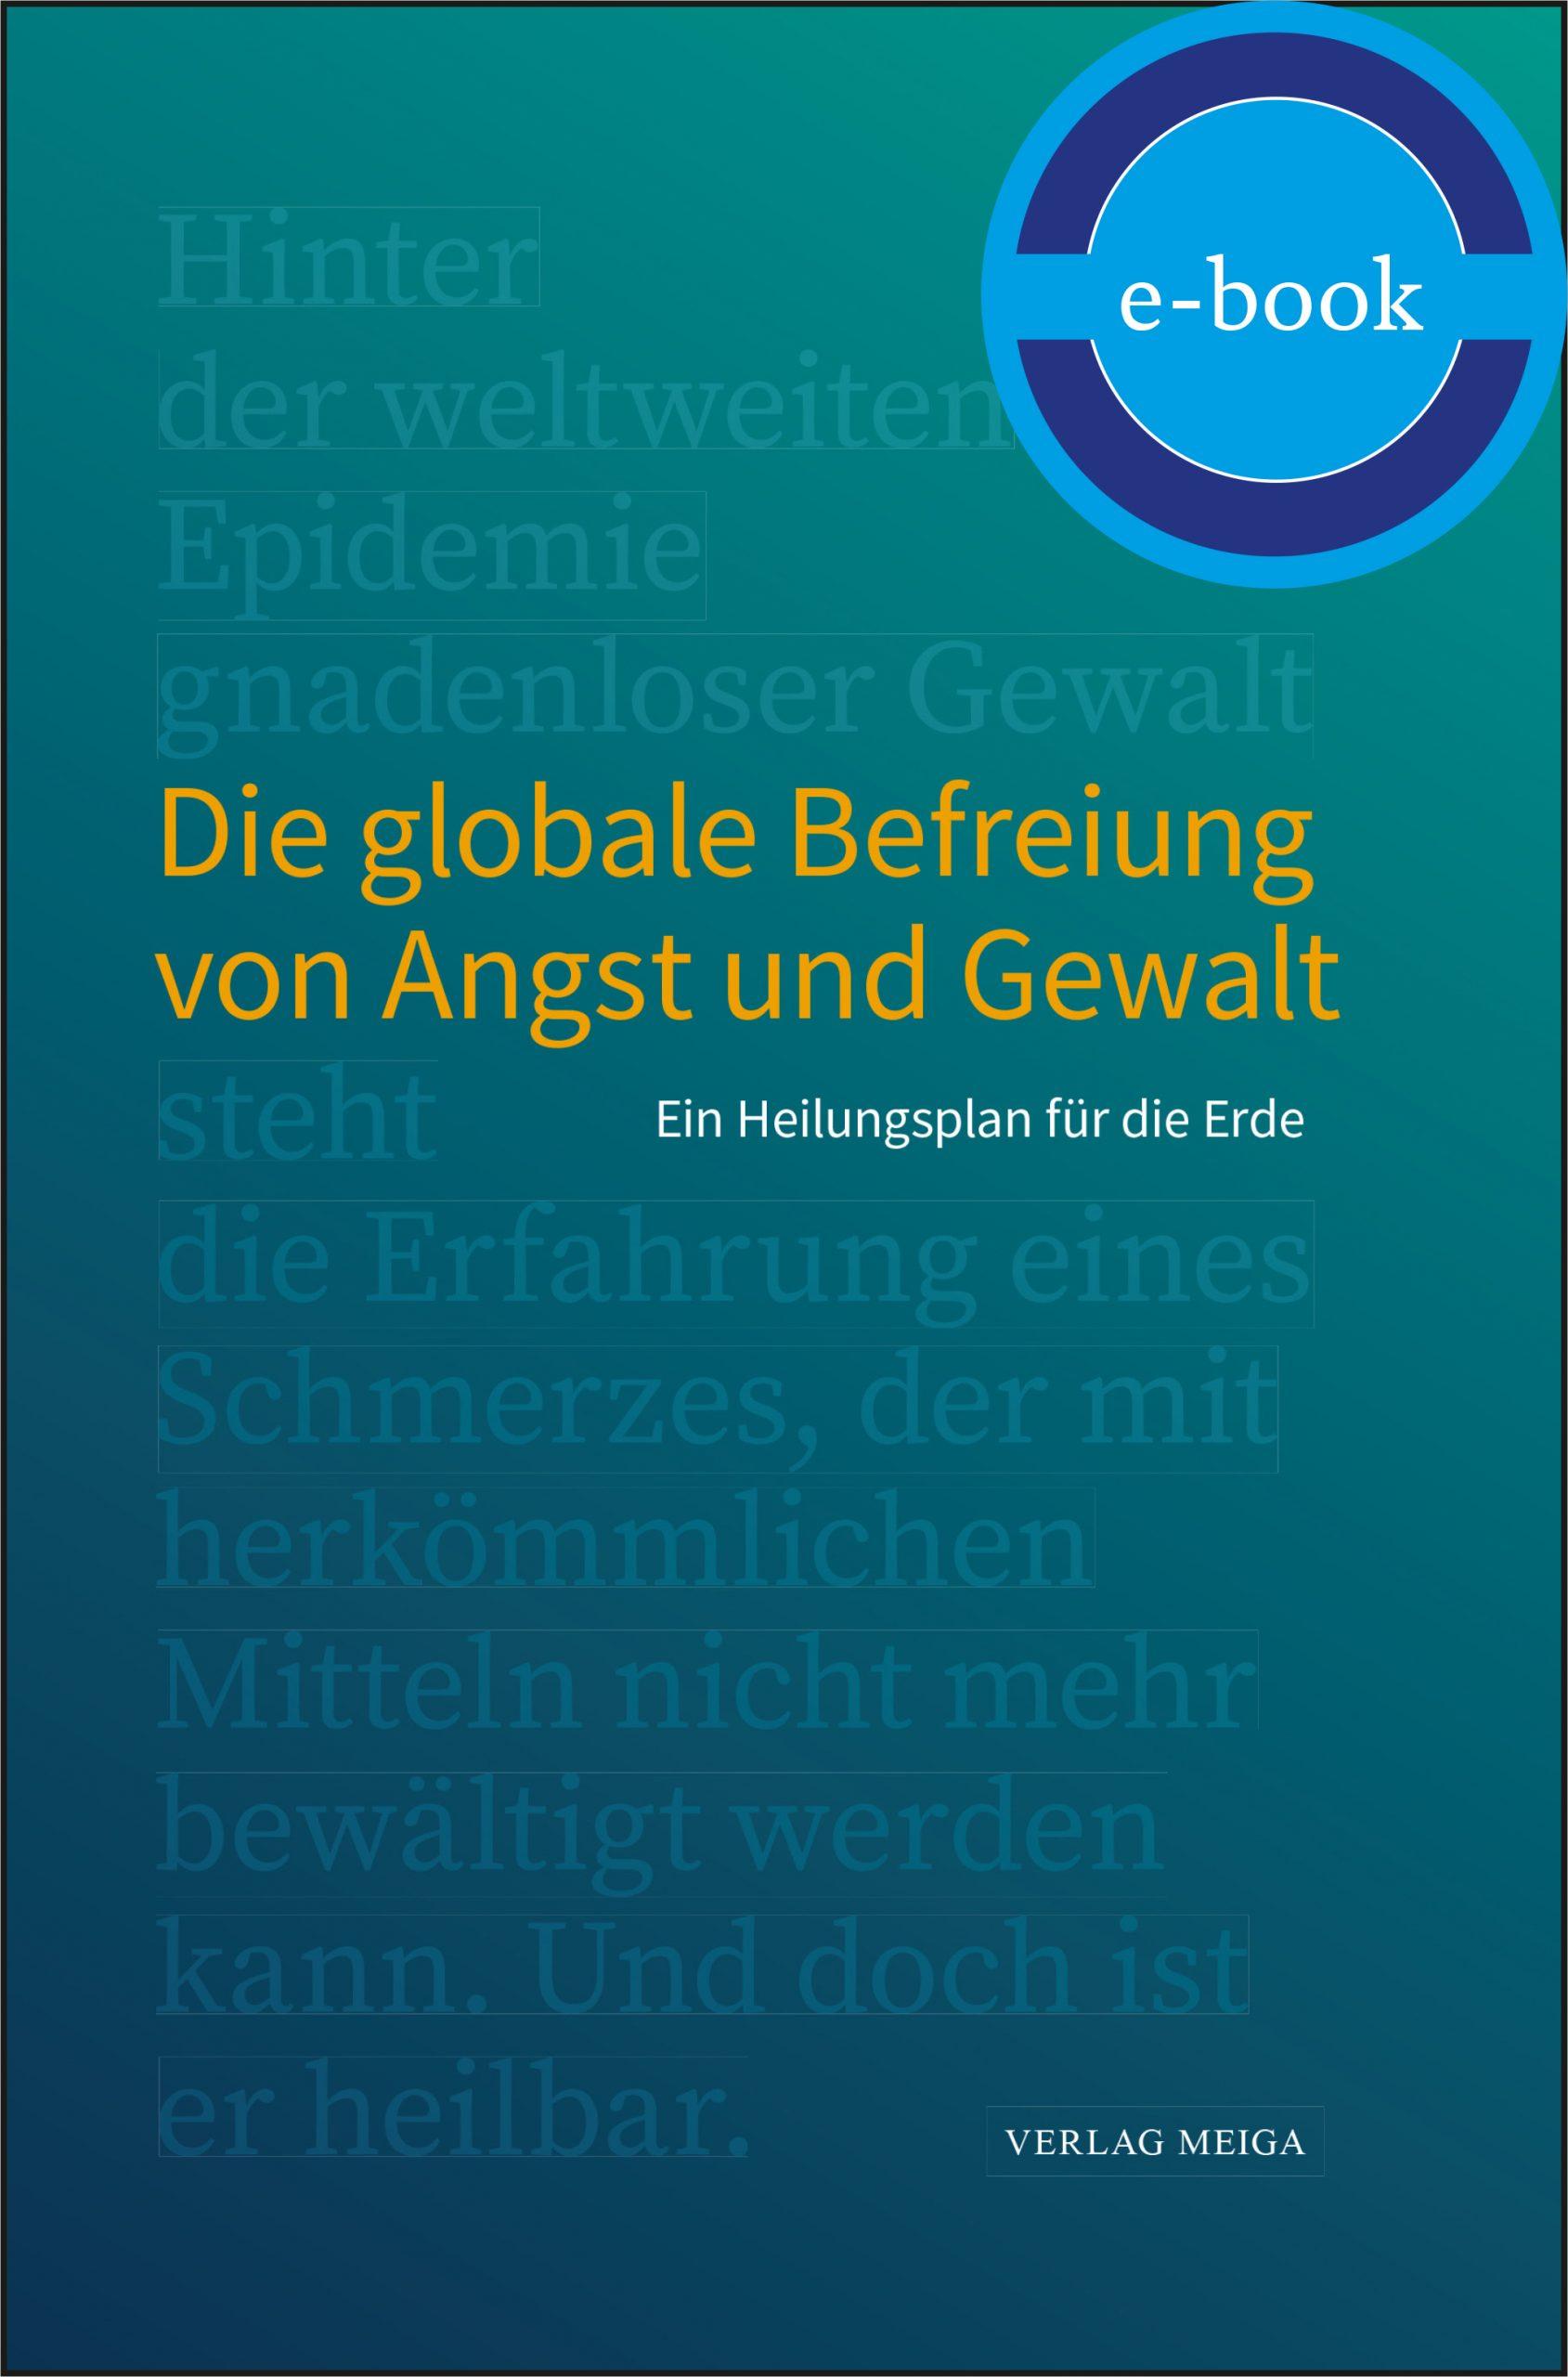 Die globale Befreiung von Angst und Gewalt. Ein Heilungsplan für die Erde E-Book